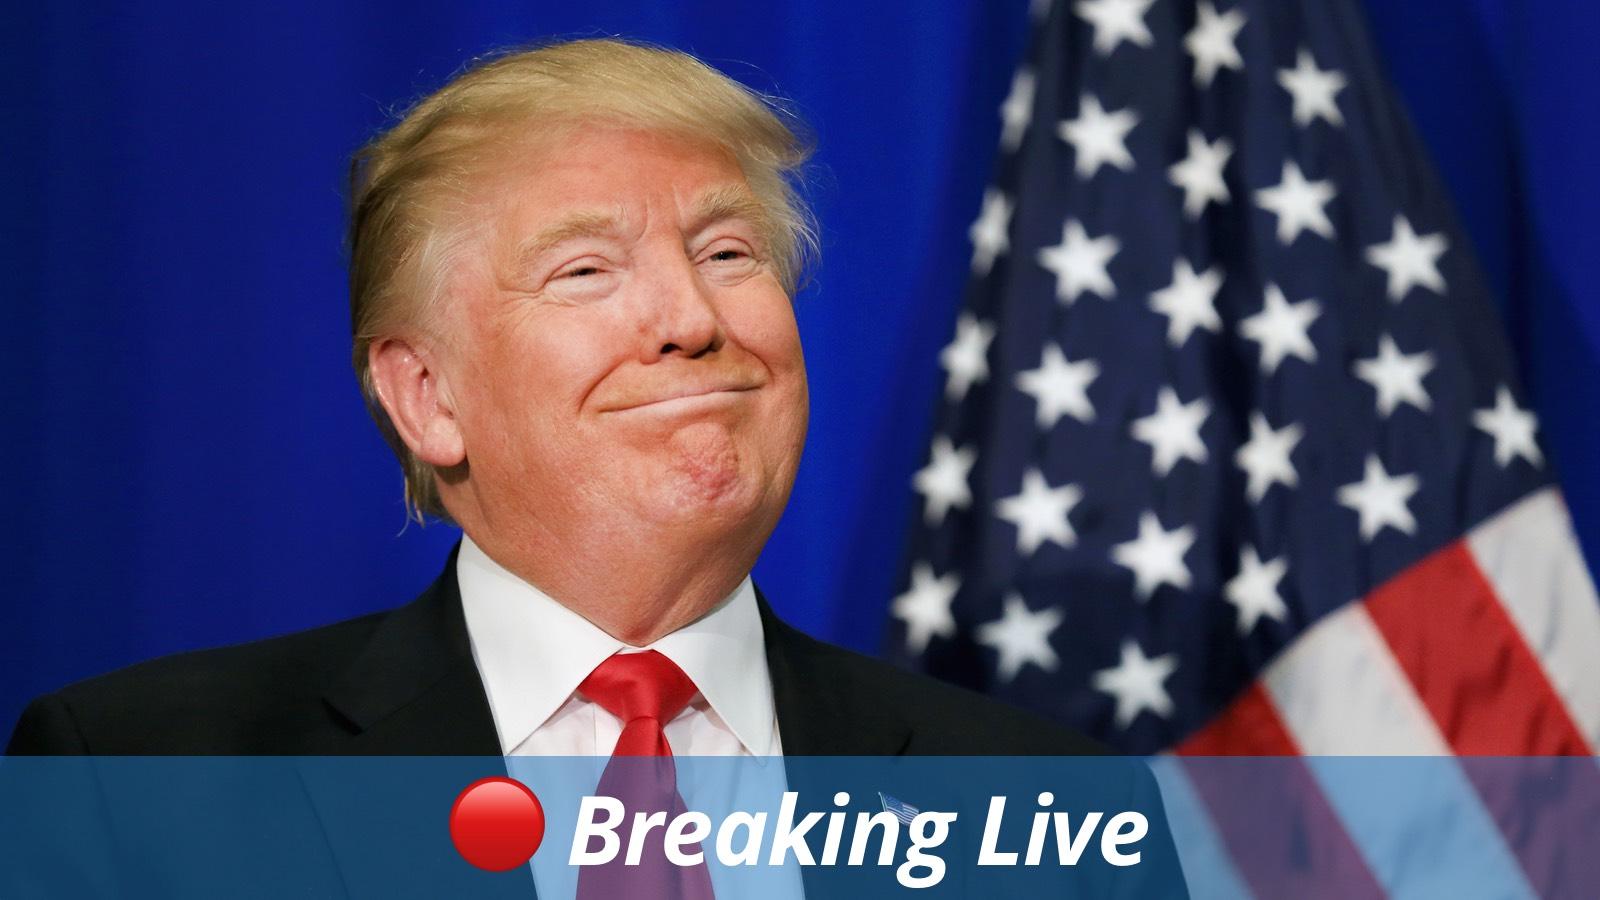 Stupéfaction : Donald Trump sera le 45ème Président des États-Unis 1